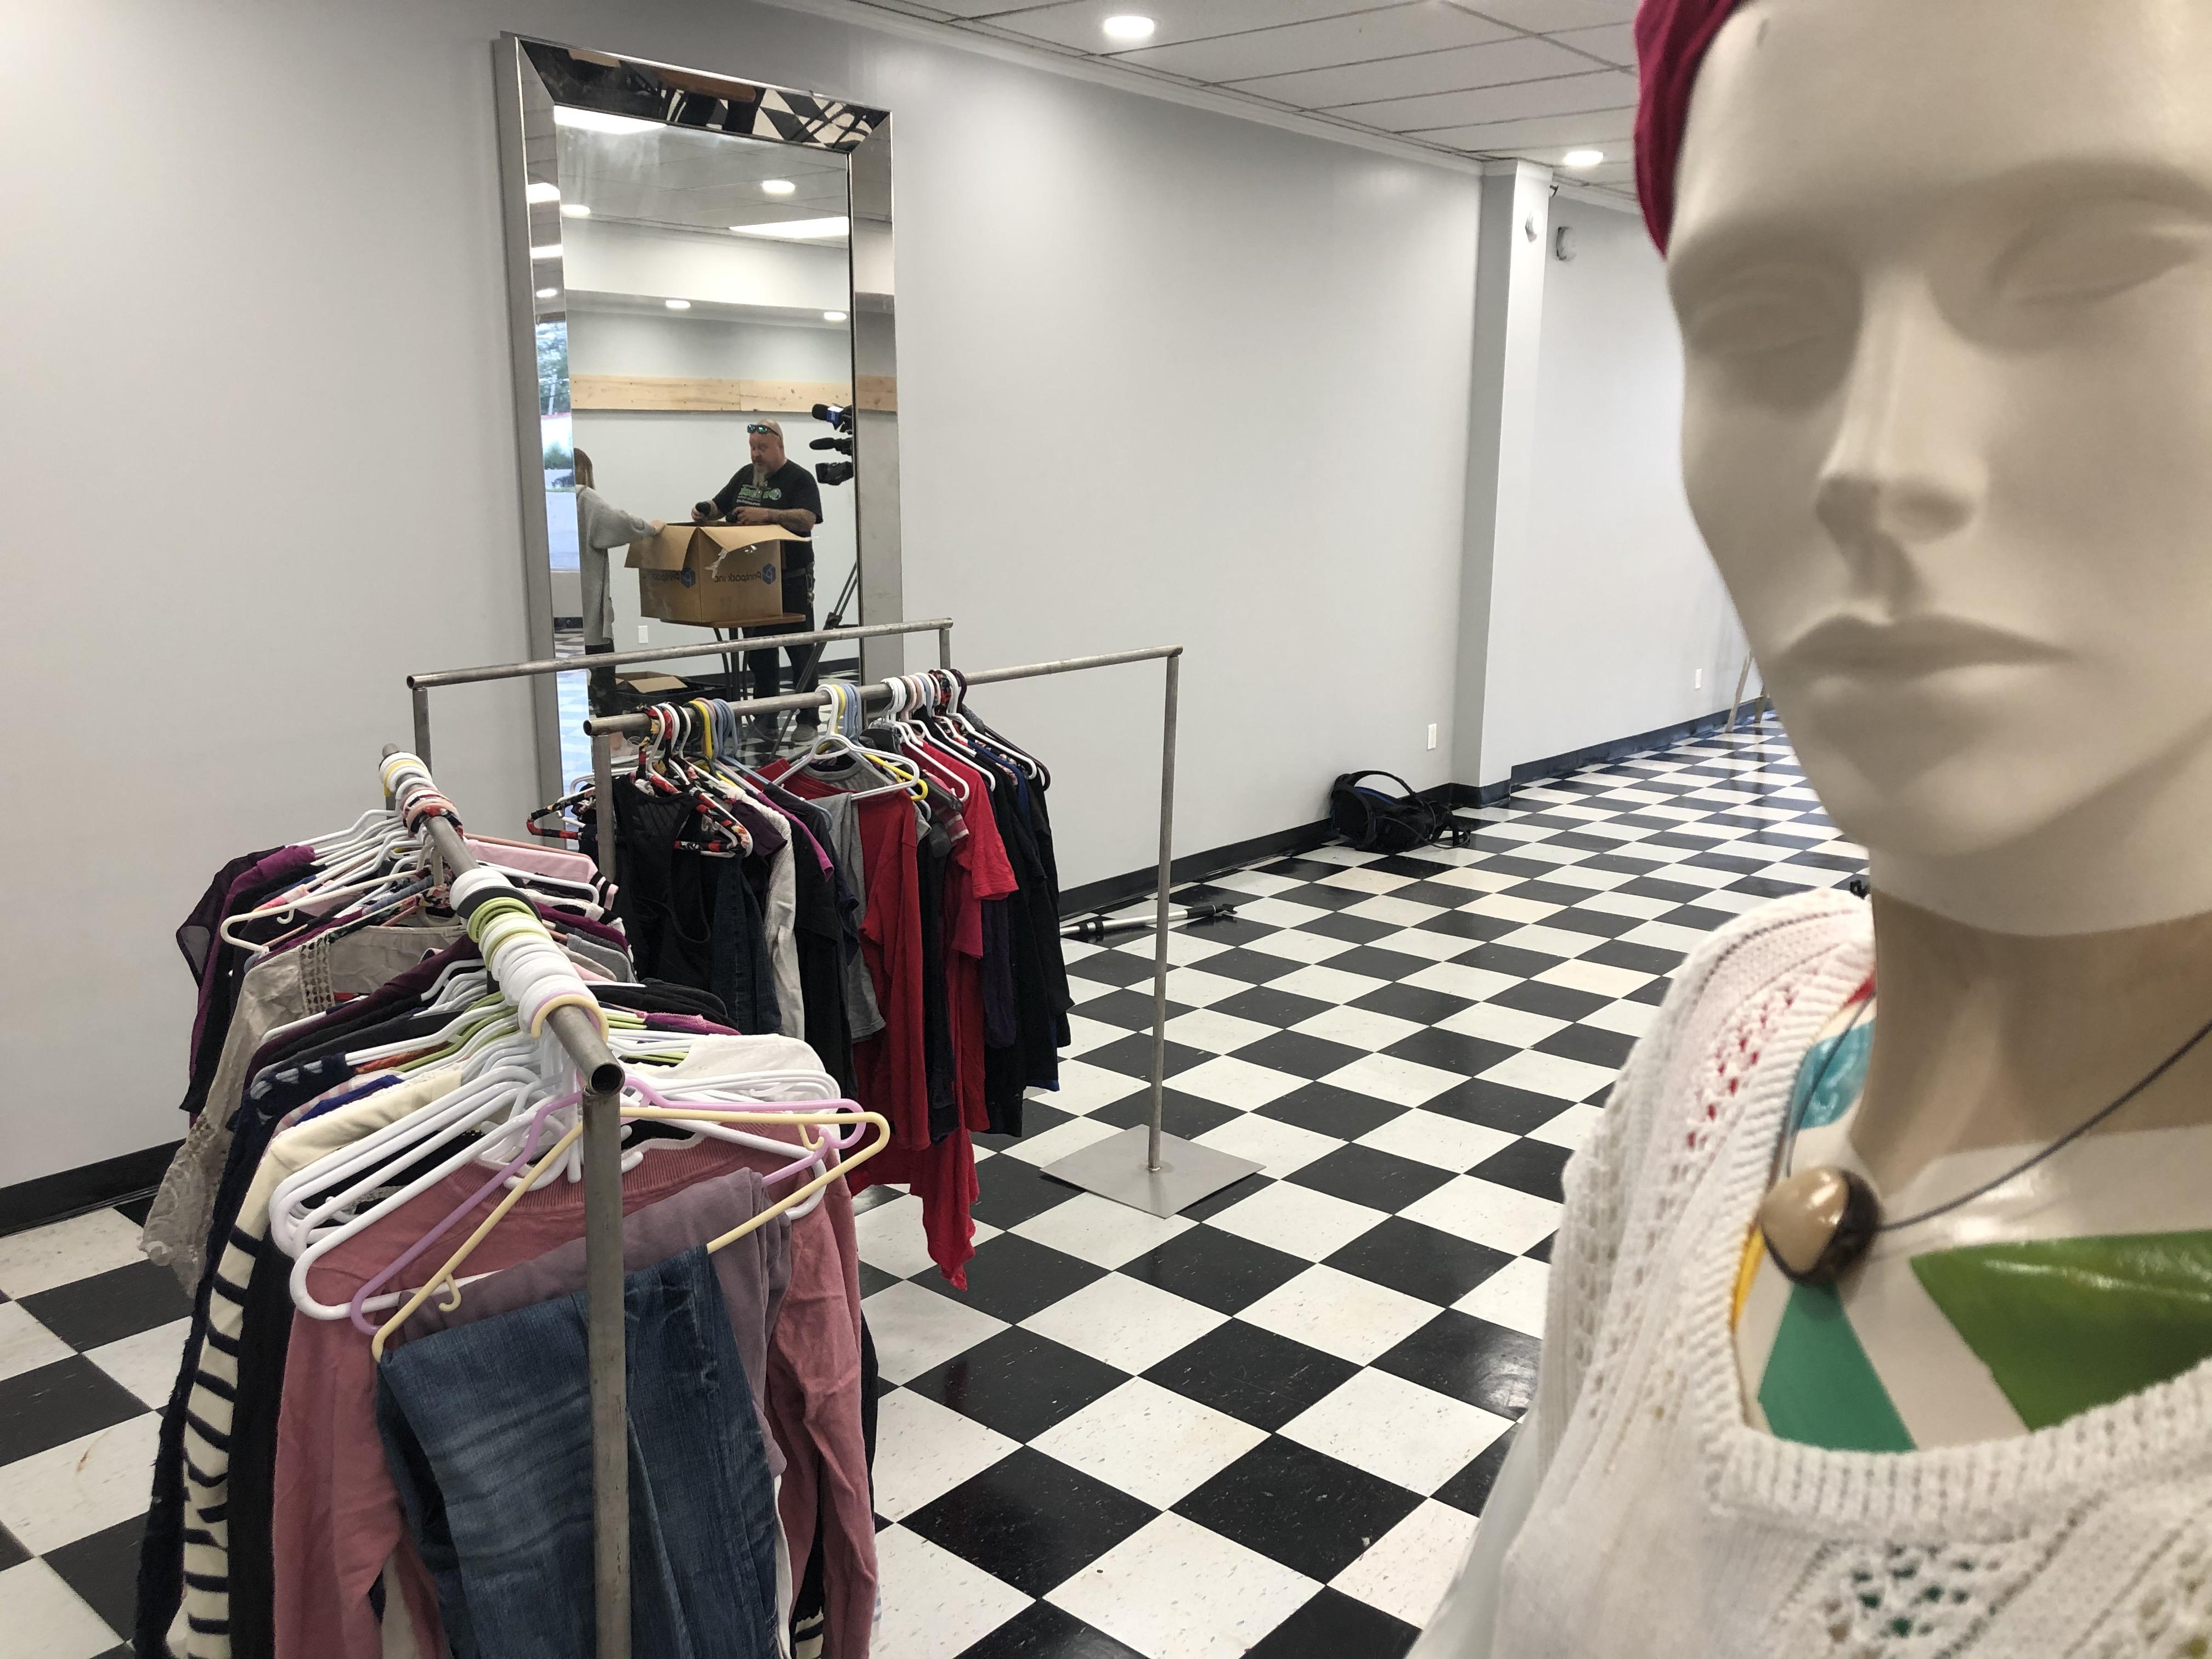 Cauta? i Mannequin Teen Girl Montreal